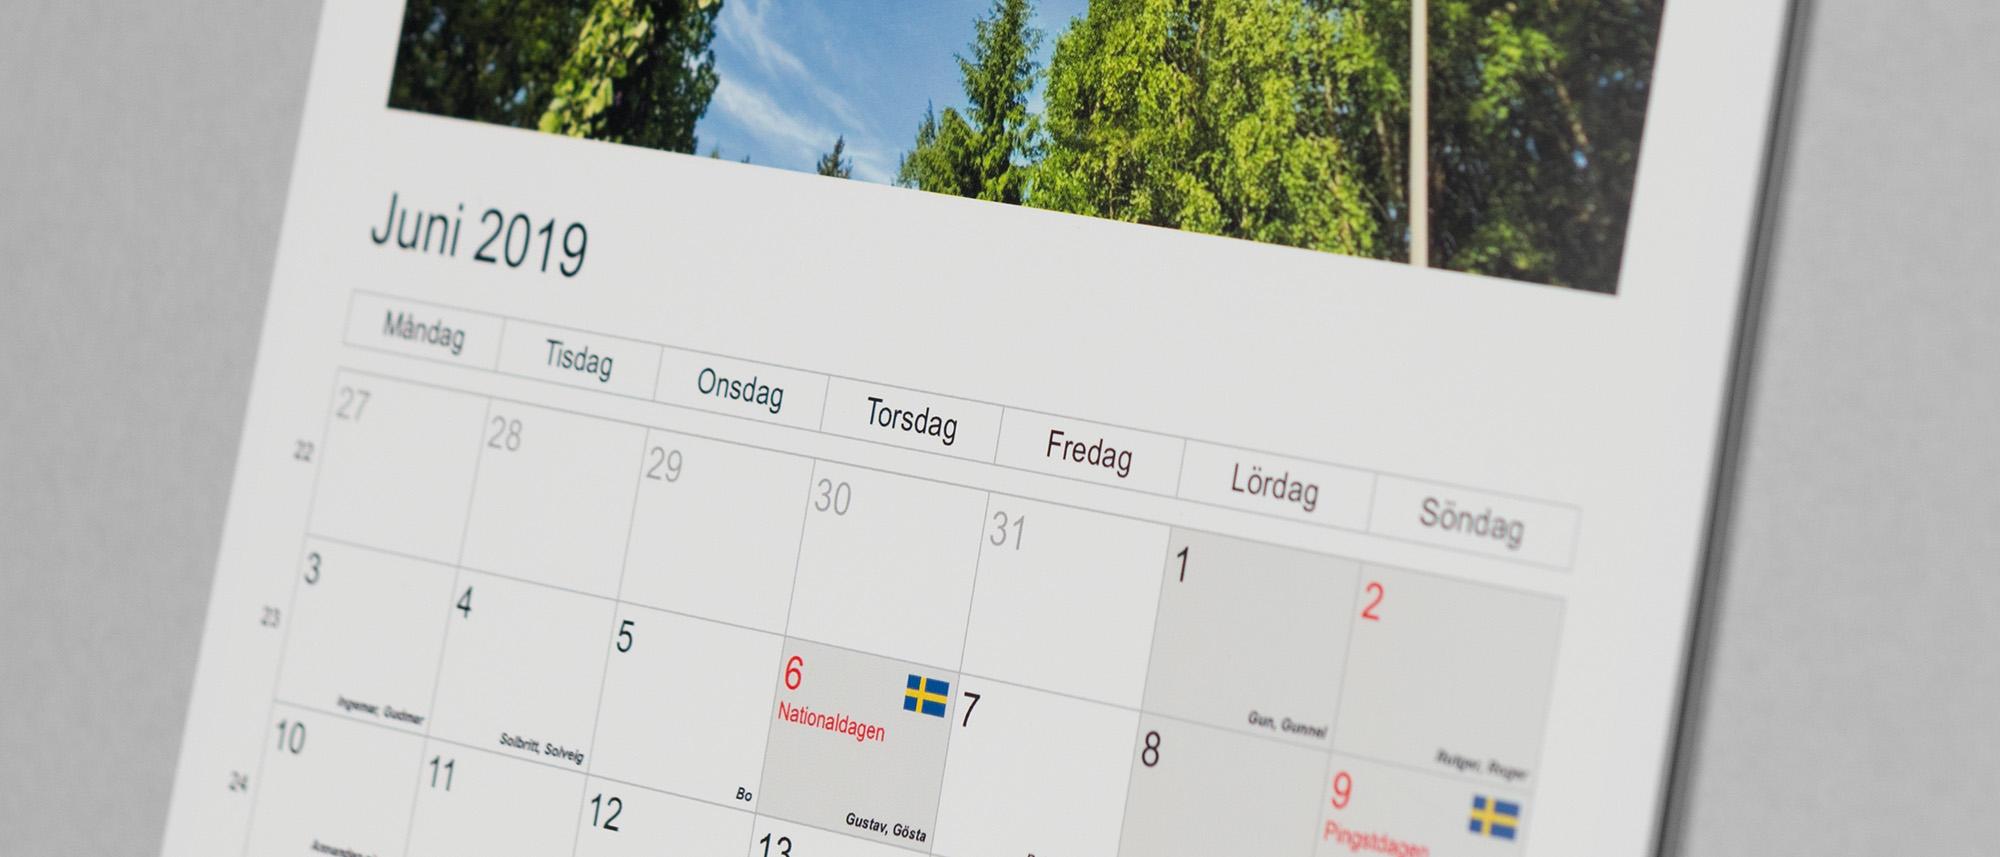 Fotokalender Klassisk med egna bilder